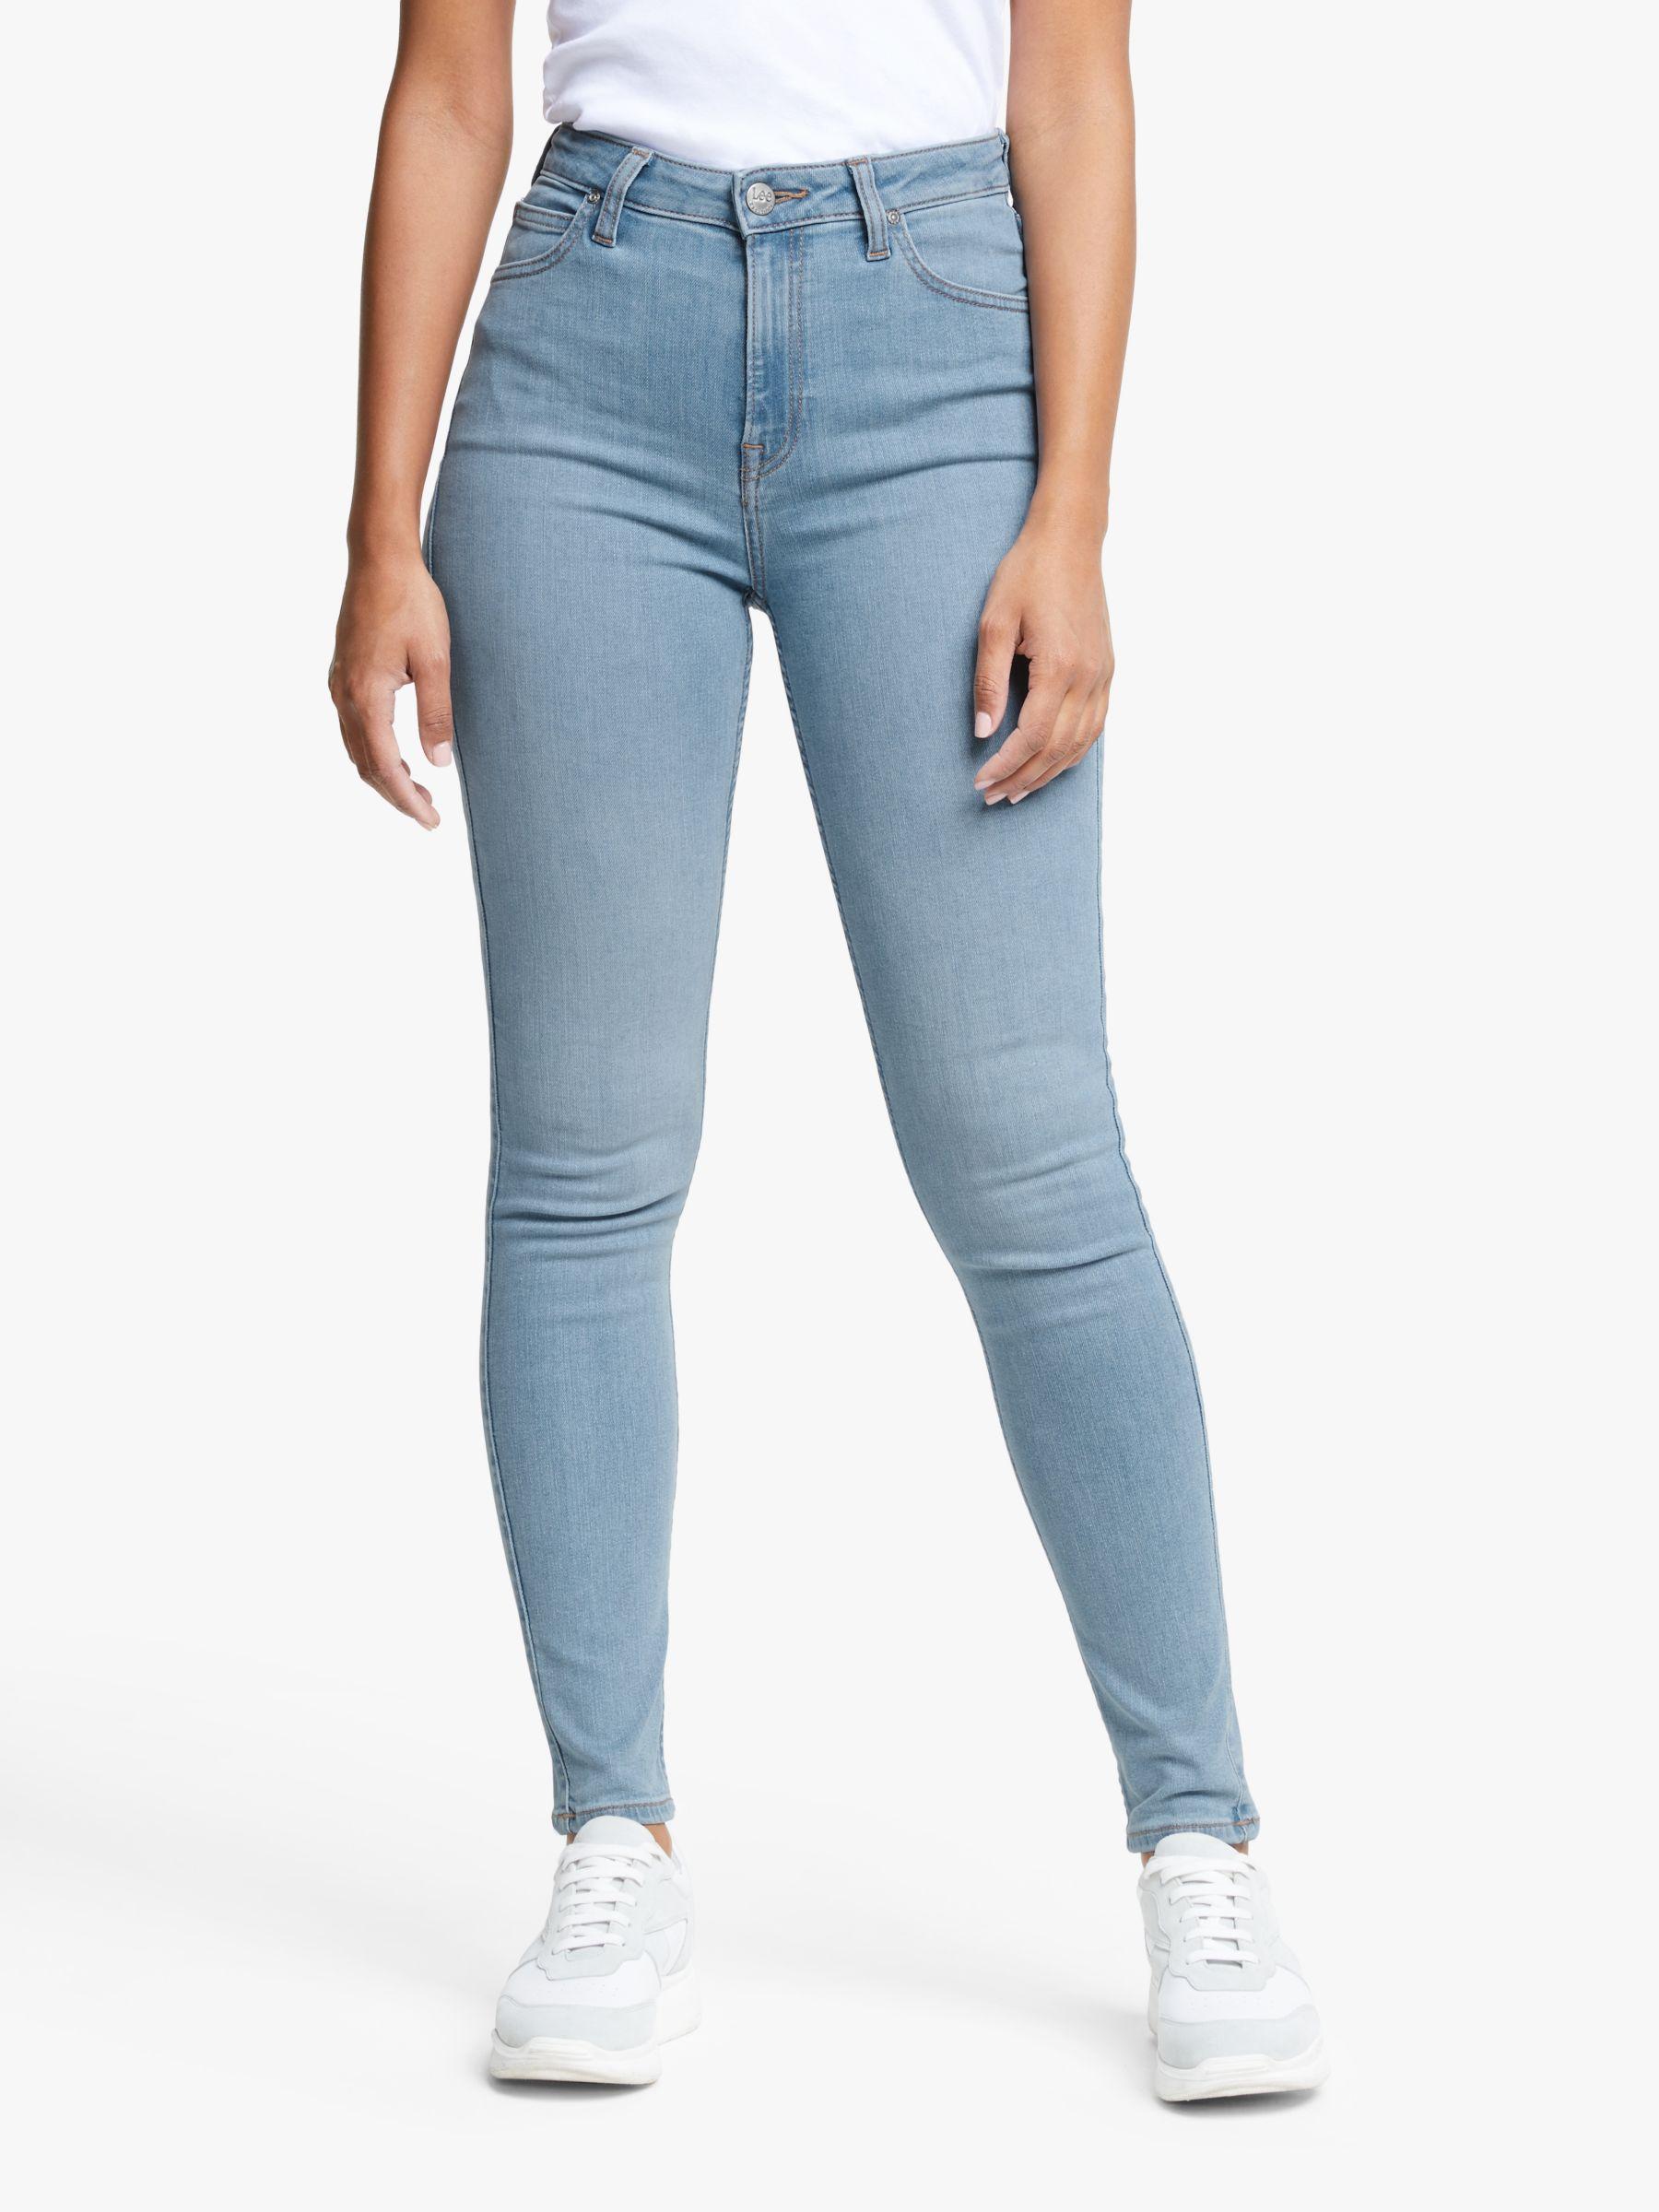 Lee Lee Ivy Super High Waist Skinny Jeans, Light Florin